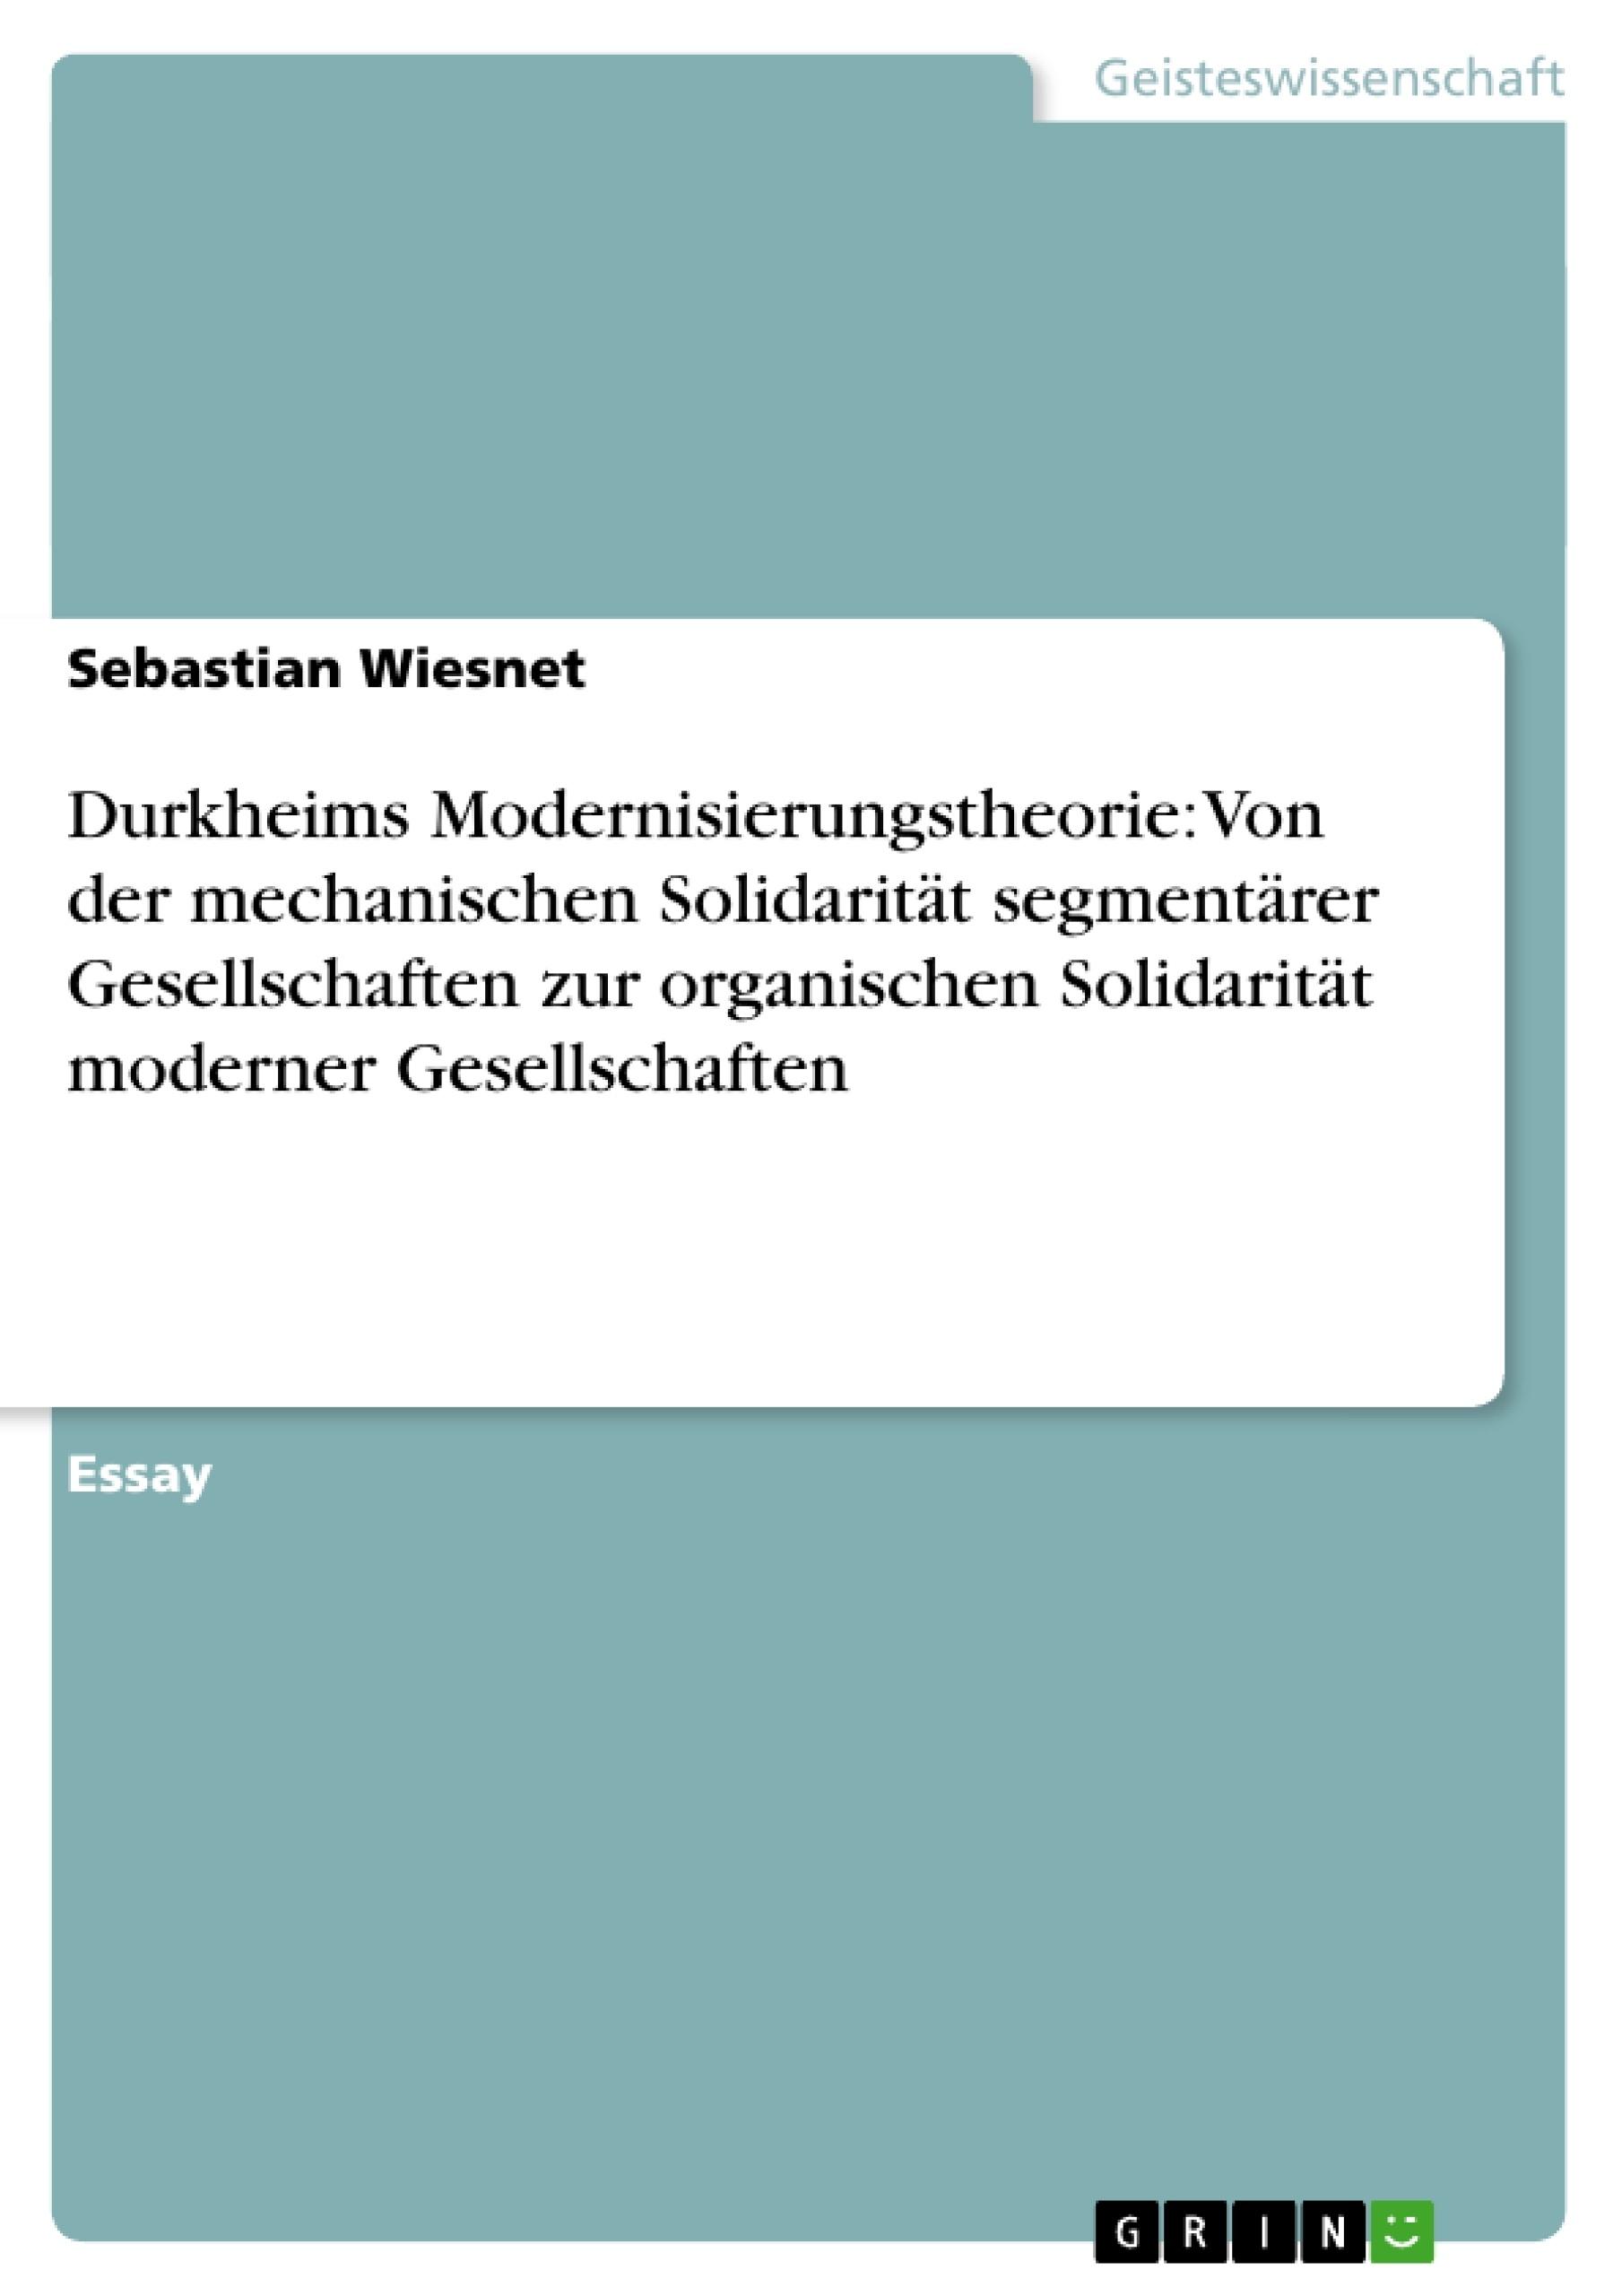 Titel: Durkheims Modernisierungstheorie: Von der mechanischen Solidarität segmentärer Gesellschaften zur organischen Solidarität moderner Gesellschaften